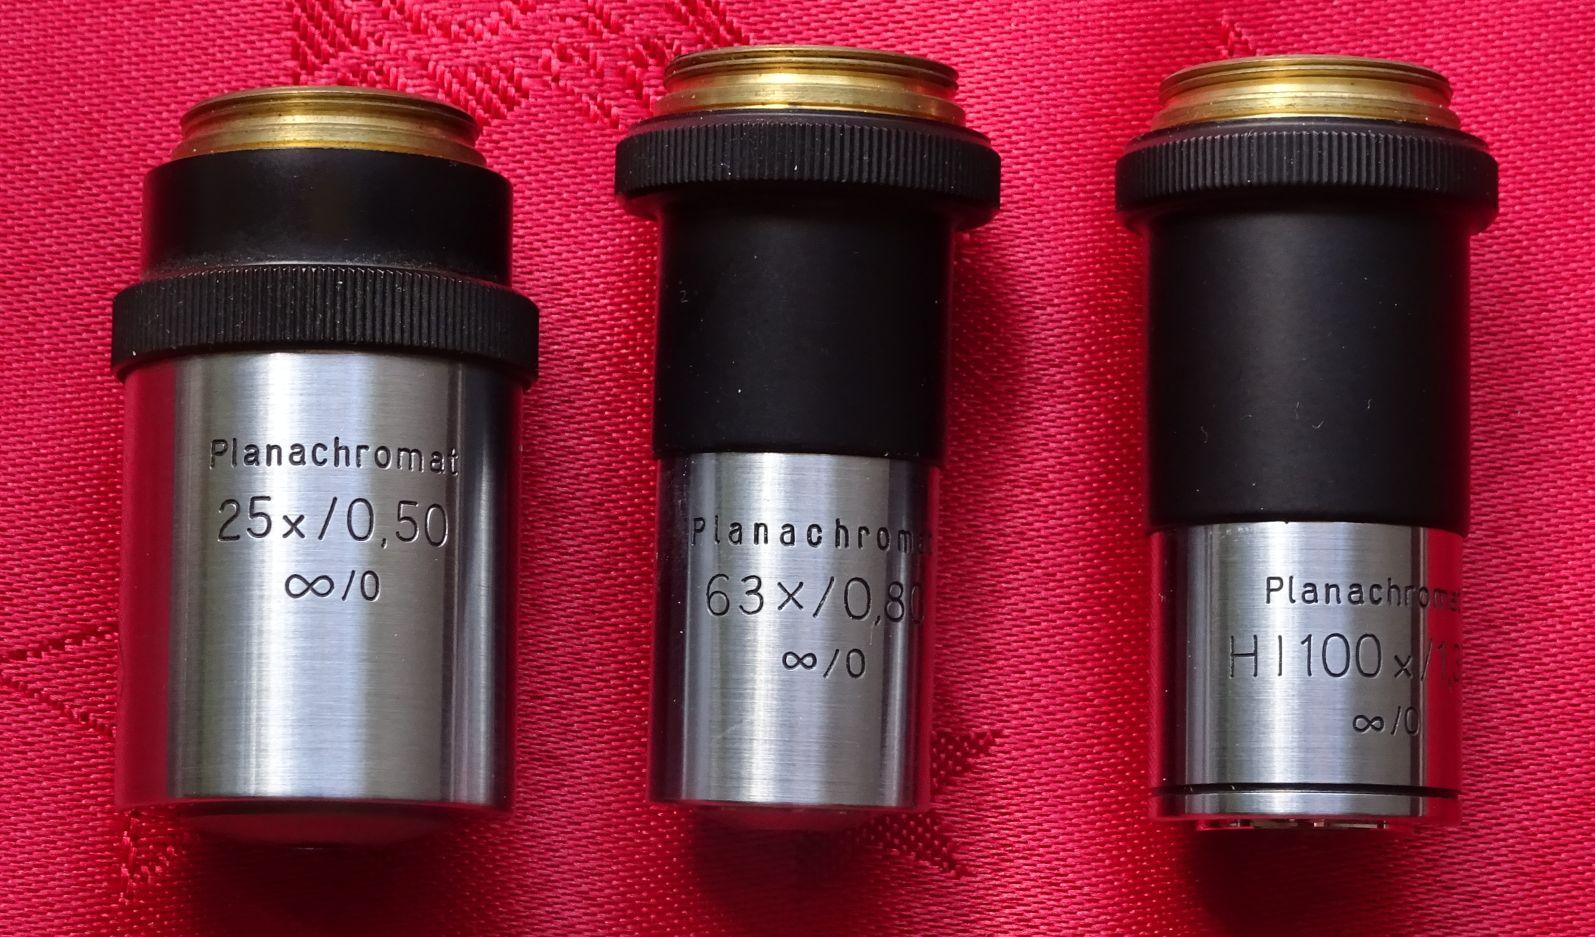 Mikroskopy w oficjalnym archiwum allegro strona archiwum ofert